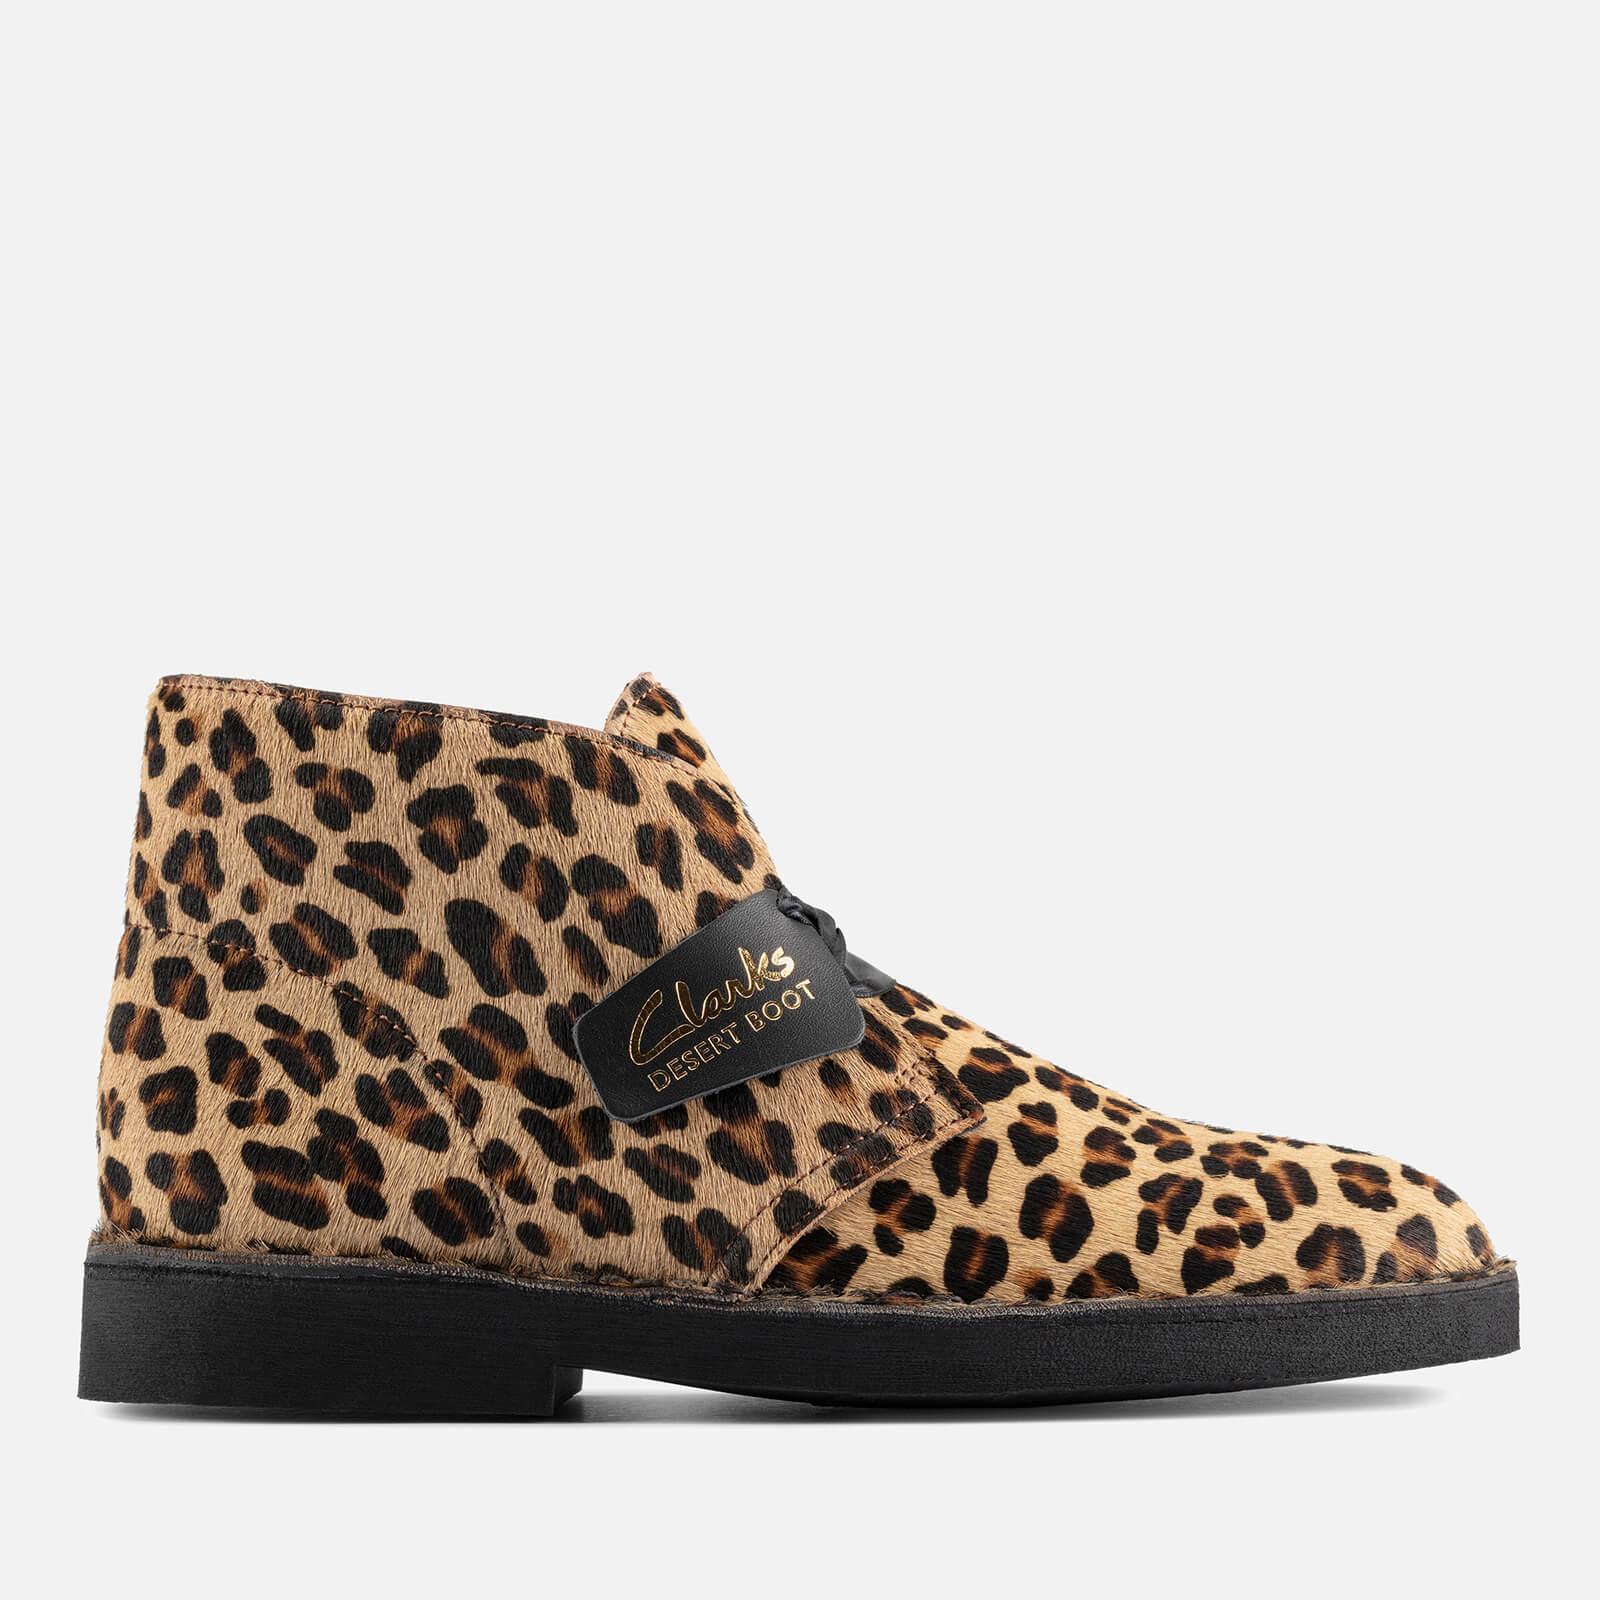 Clarks Women's Suede 2 Desert Boots - Leopard Print - Uk 3